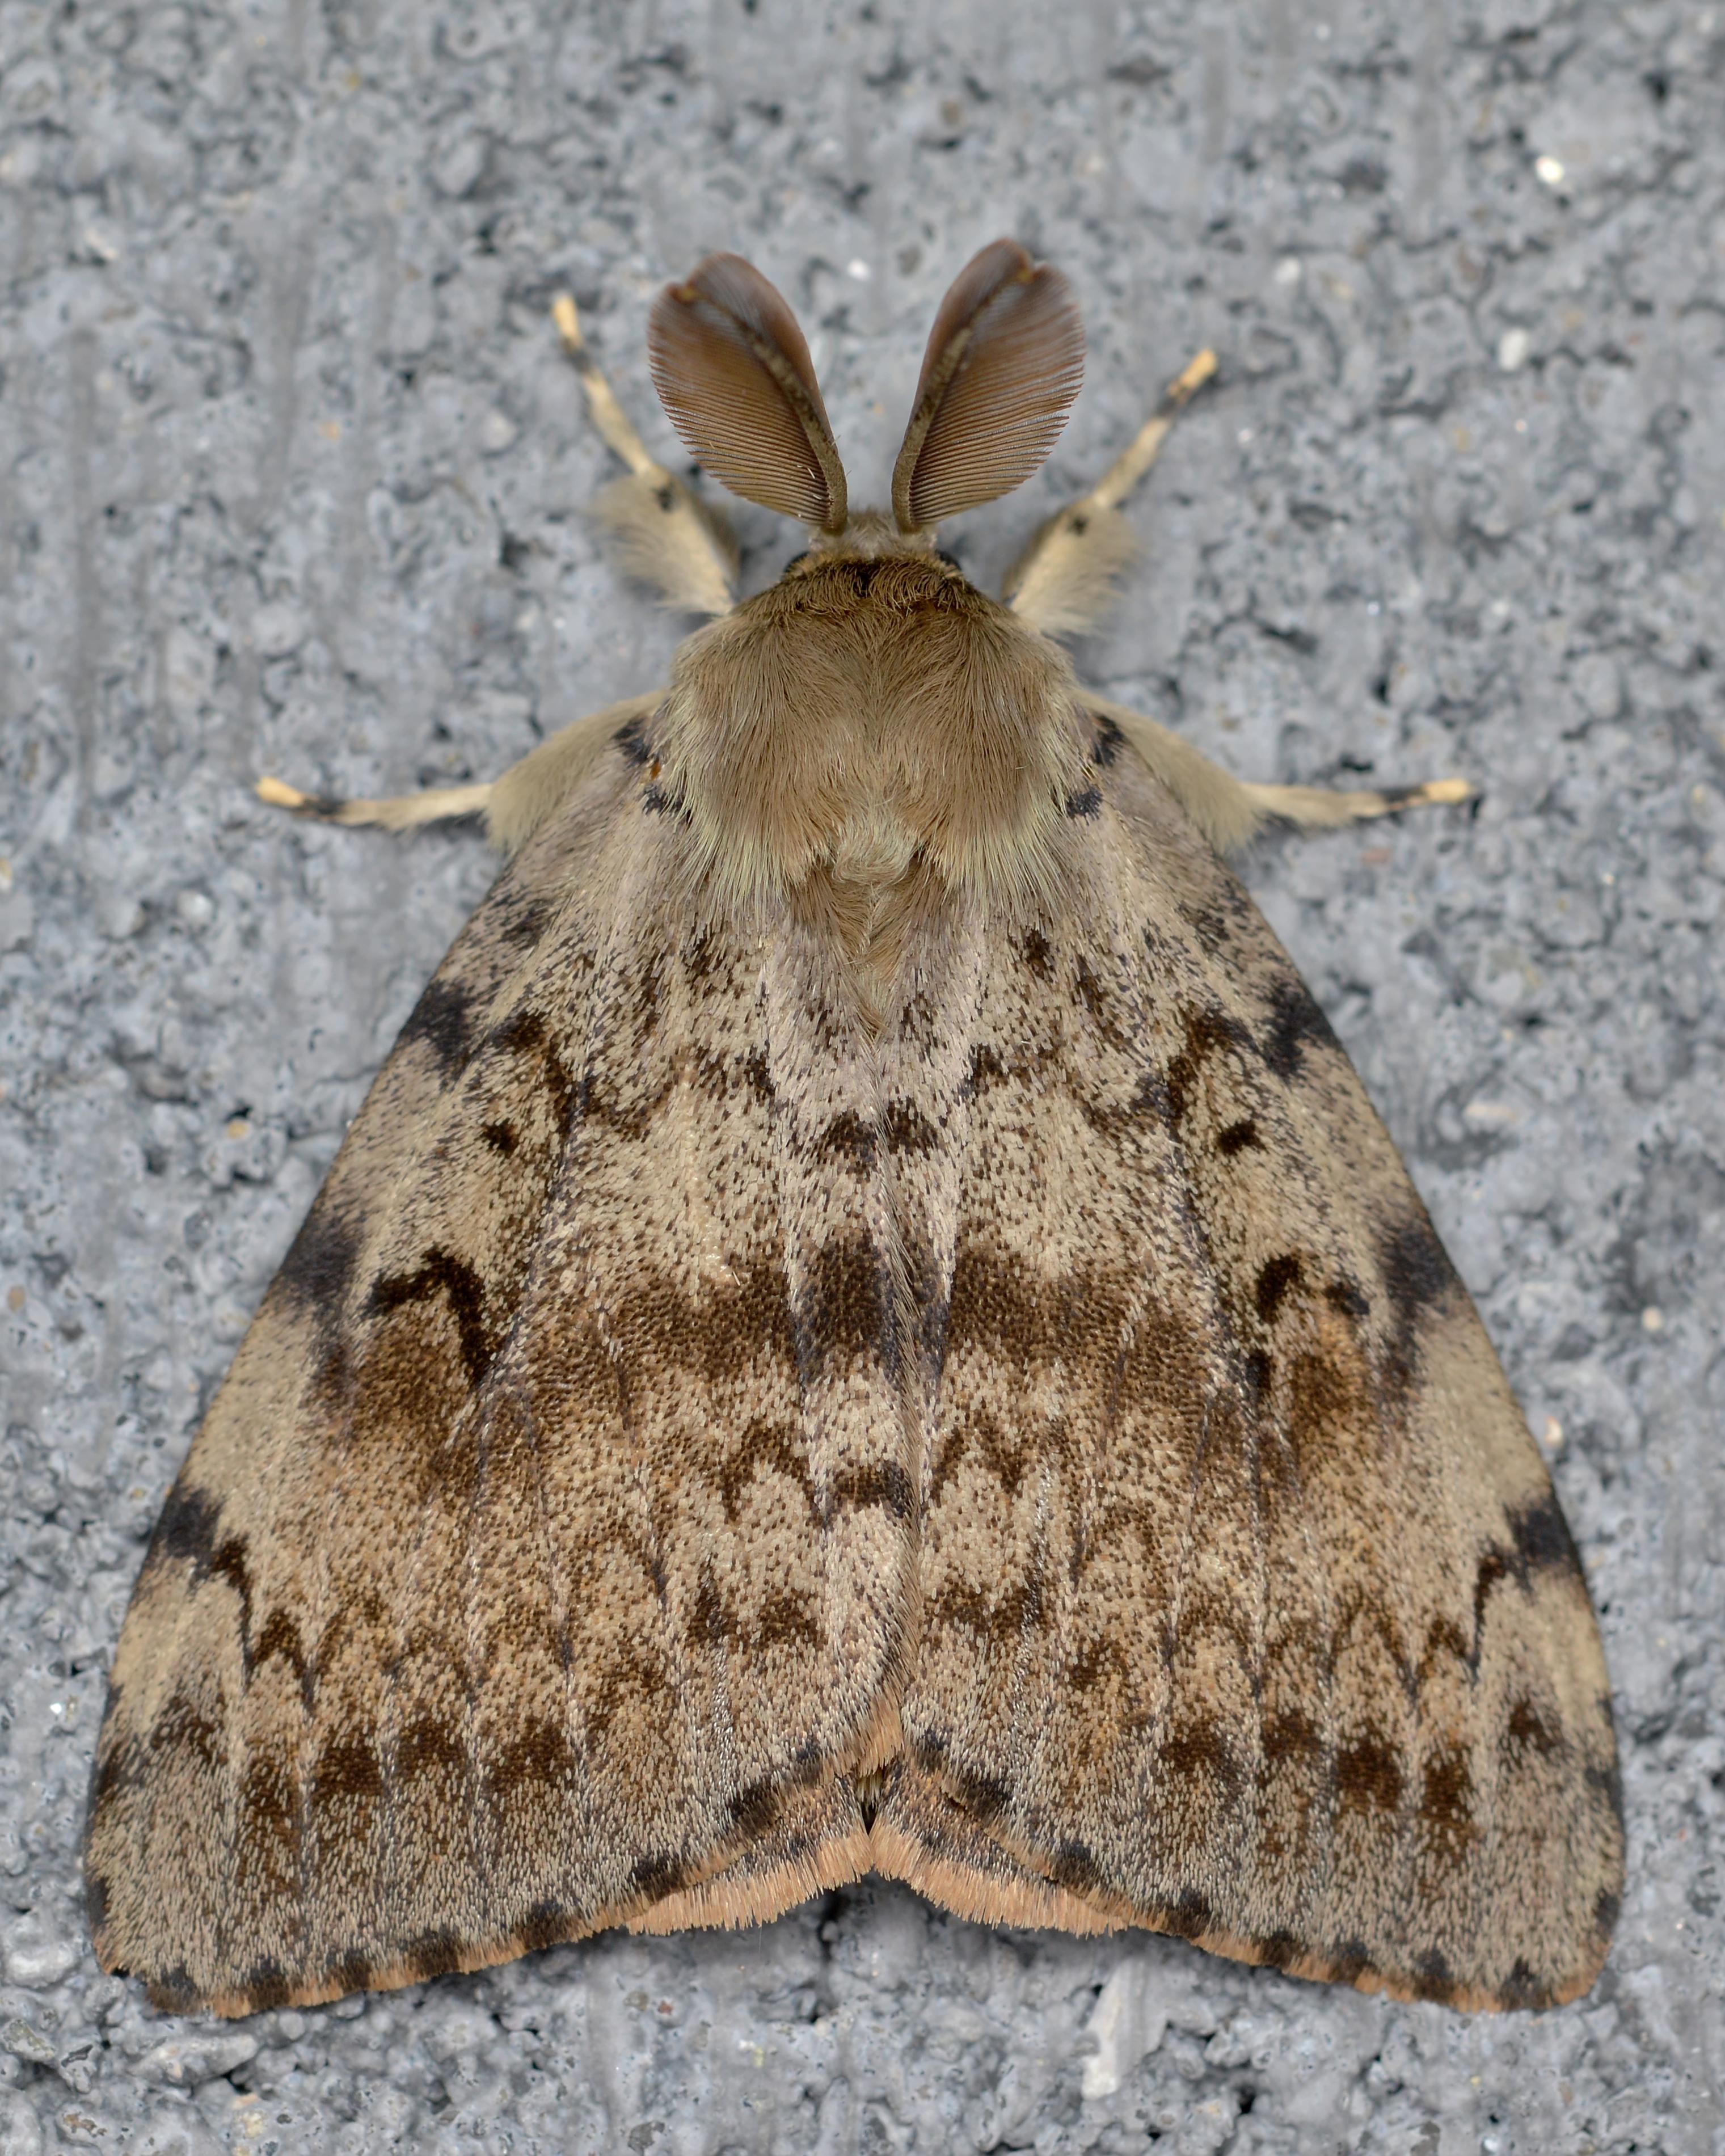 Final gypsy moth aerial spray next week